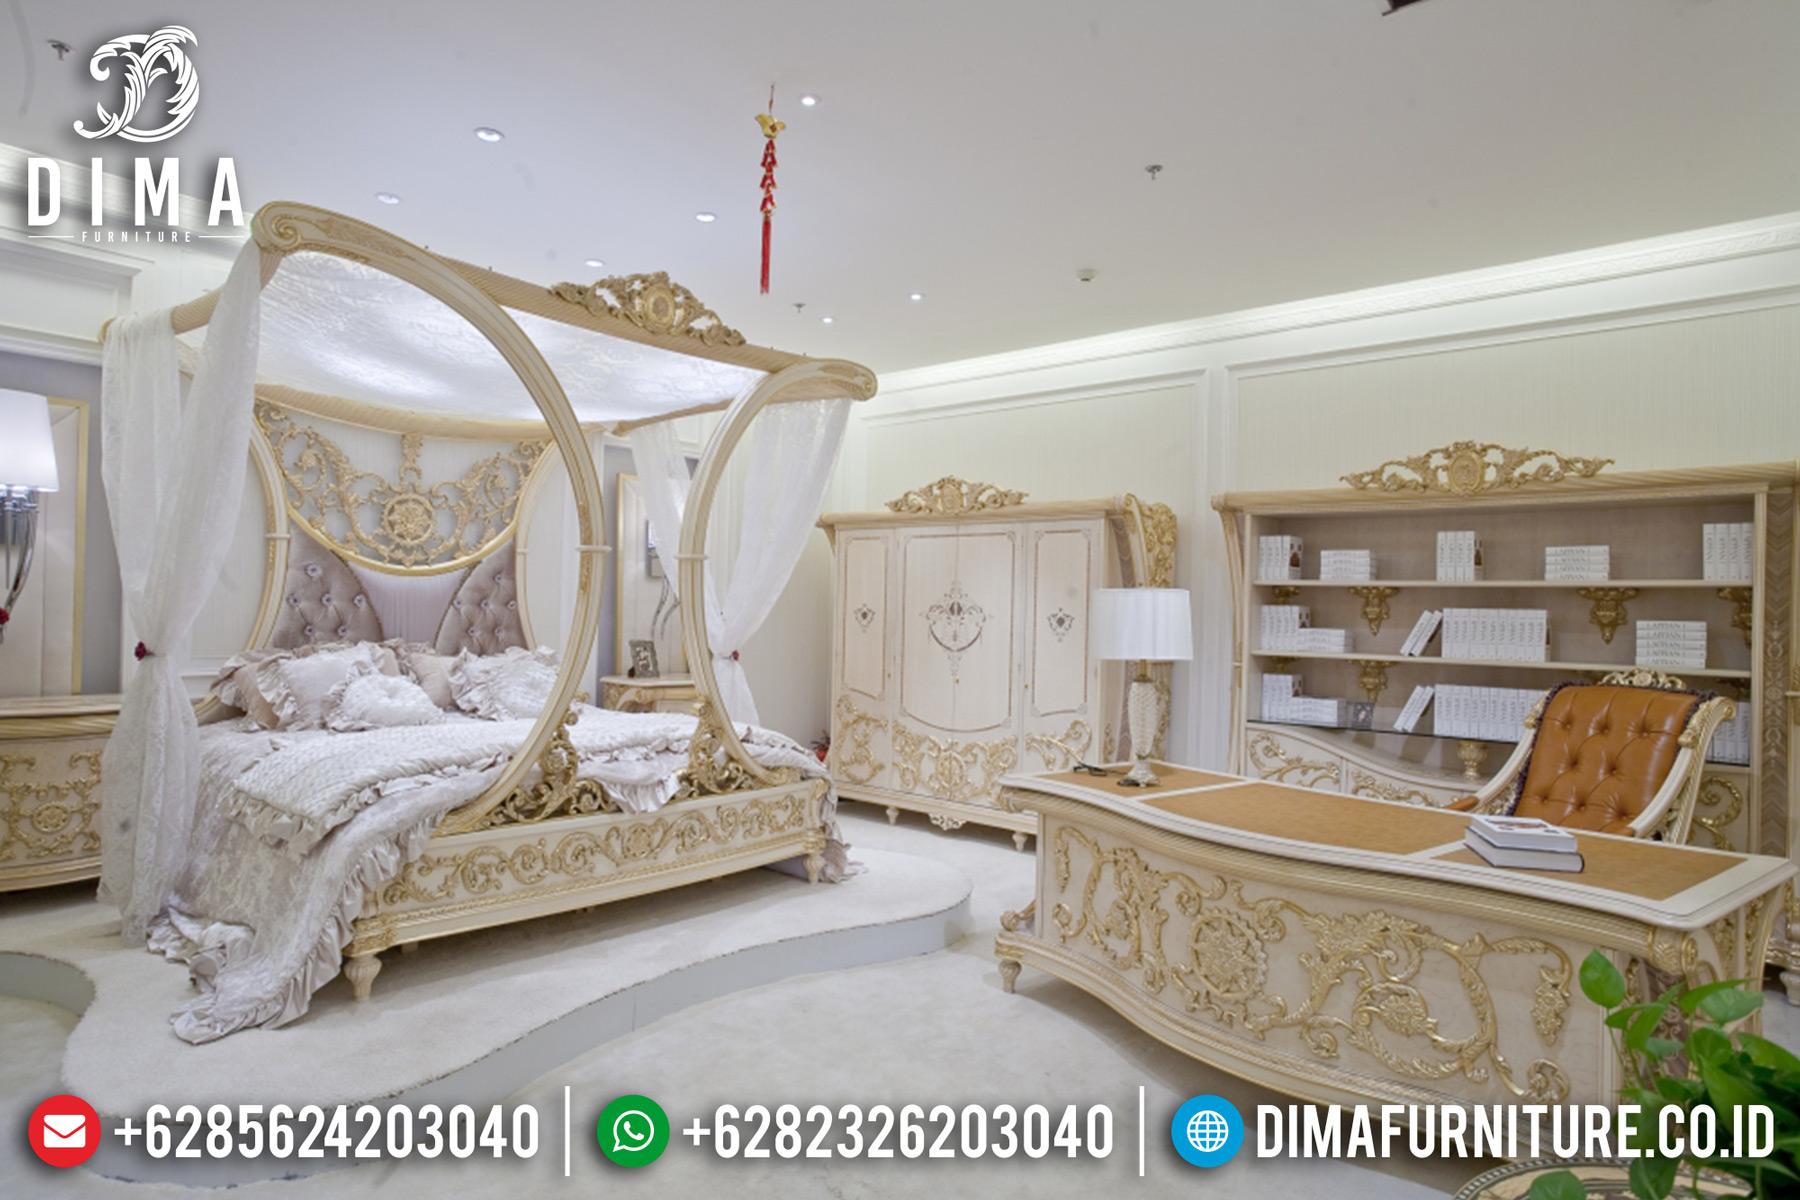 Kamar Set Mewah Klasik Ukiran Jepara Kanopi Raffles Ivory Emas MM-0253